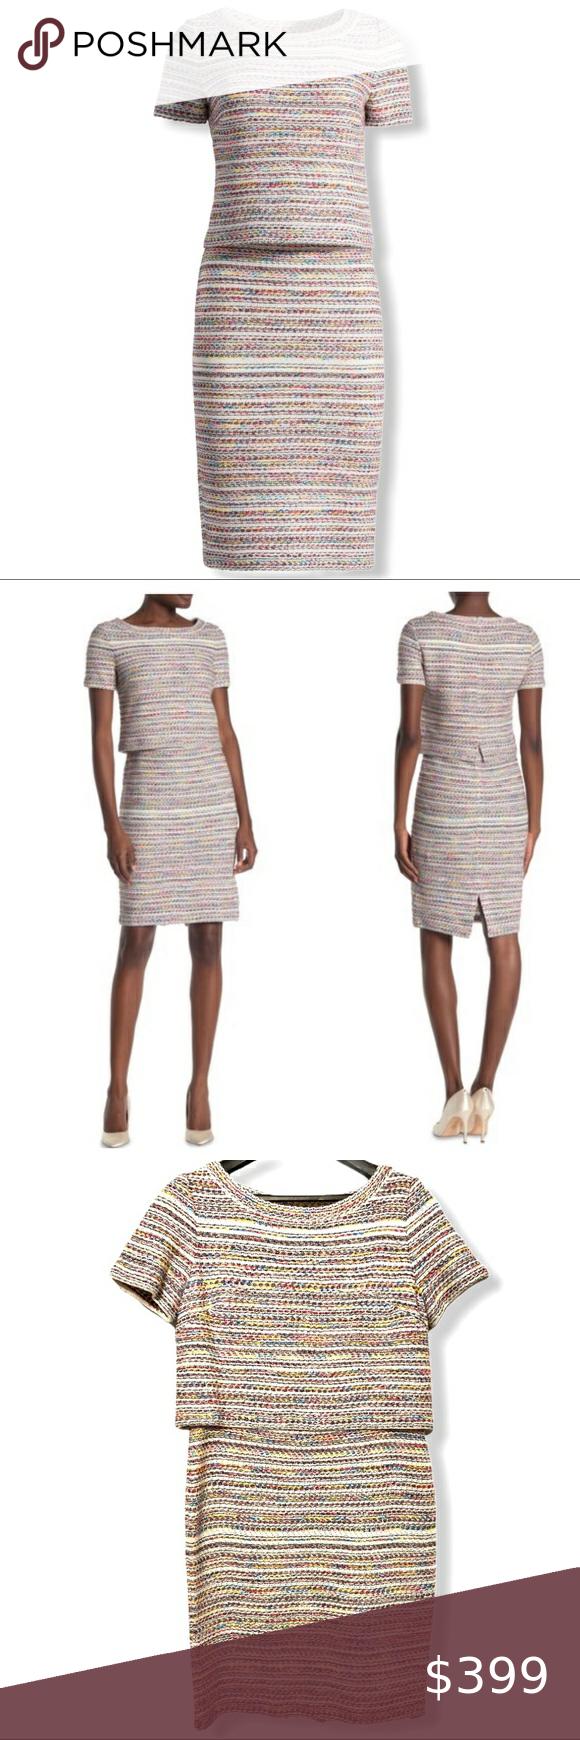 St John Flag Tweed Stripe Knit Dress Cream Multi Striped Knit Dress Metallic Knit Dress Vintage Striped Dress [ 1740 x 580 Pixel ]